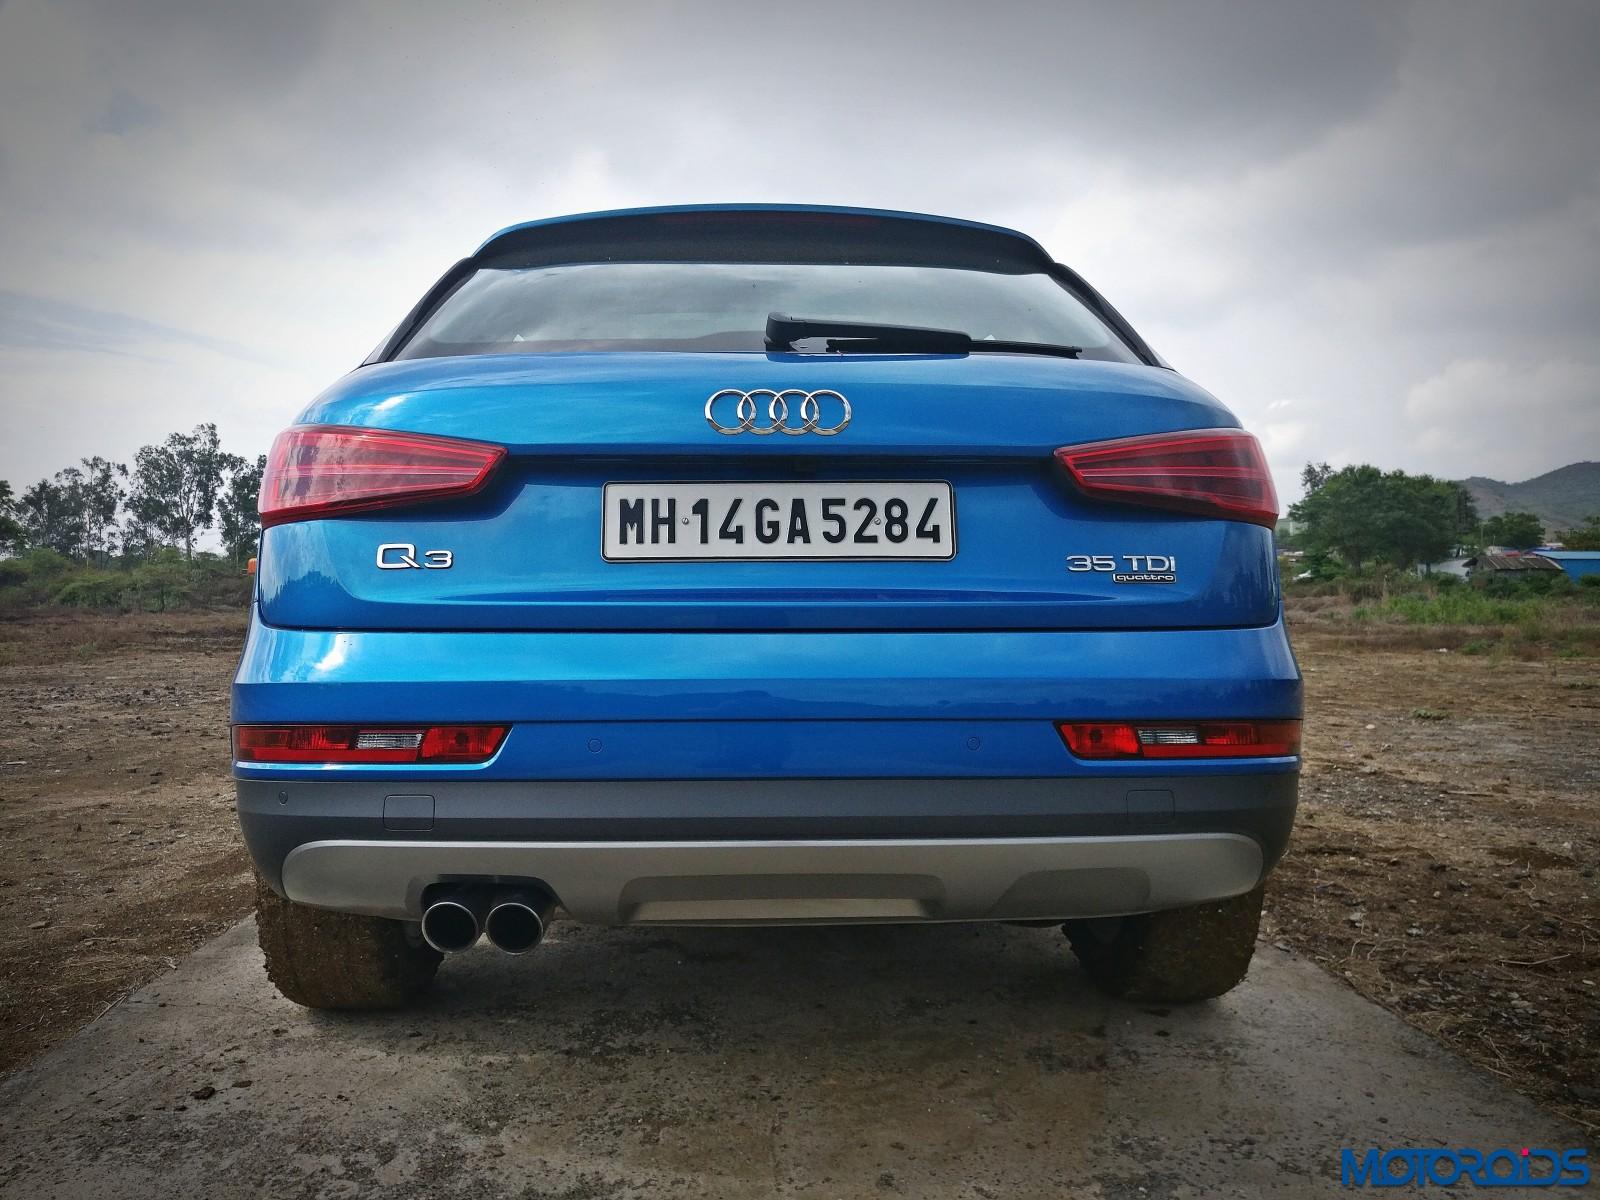 Kelebihan Kekurangan Audi Q3 Tdi Tangguh